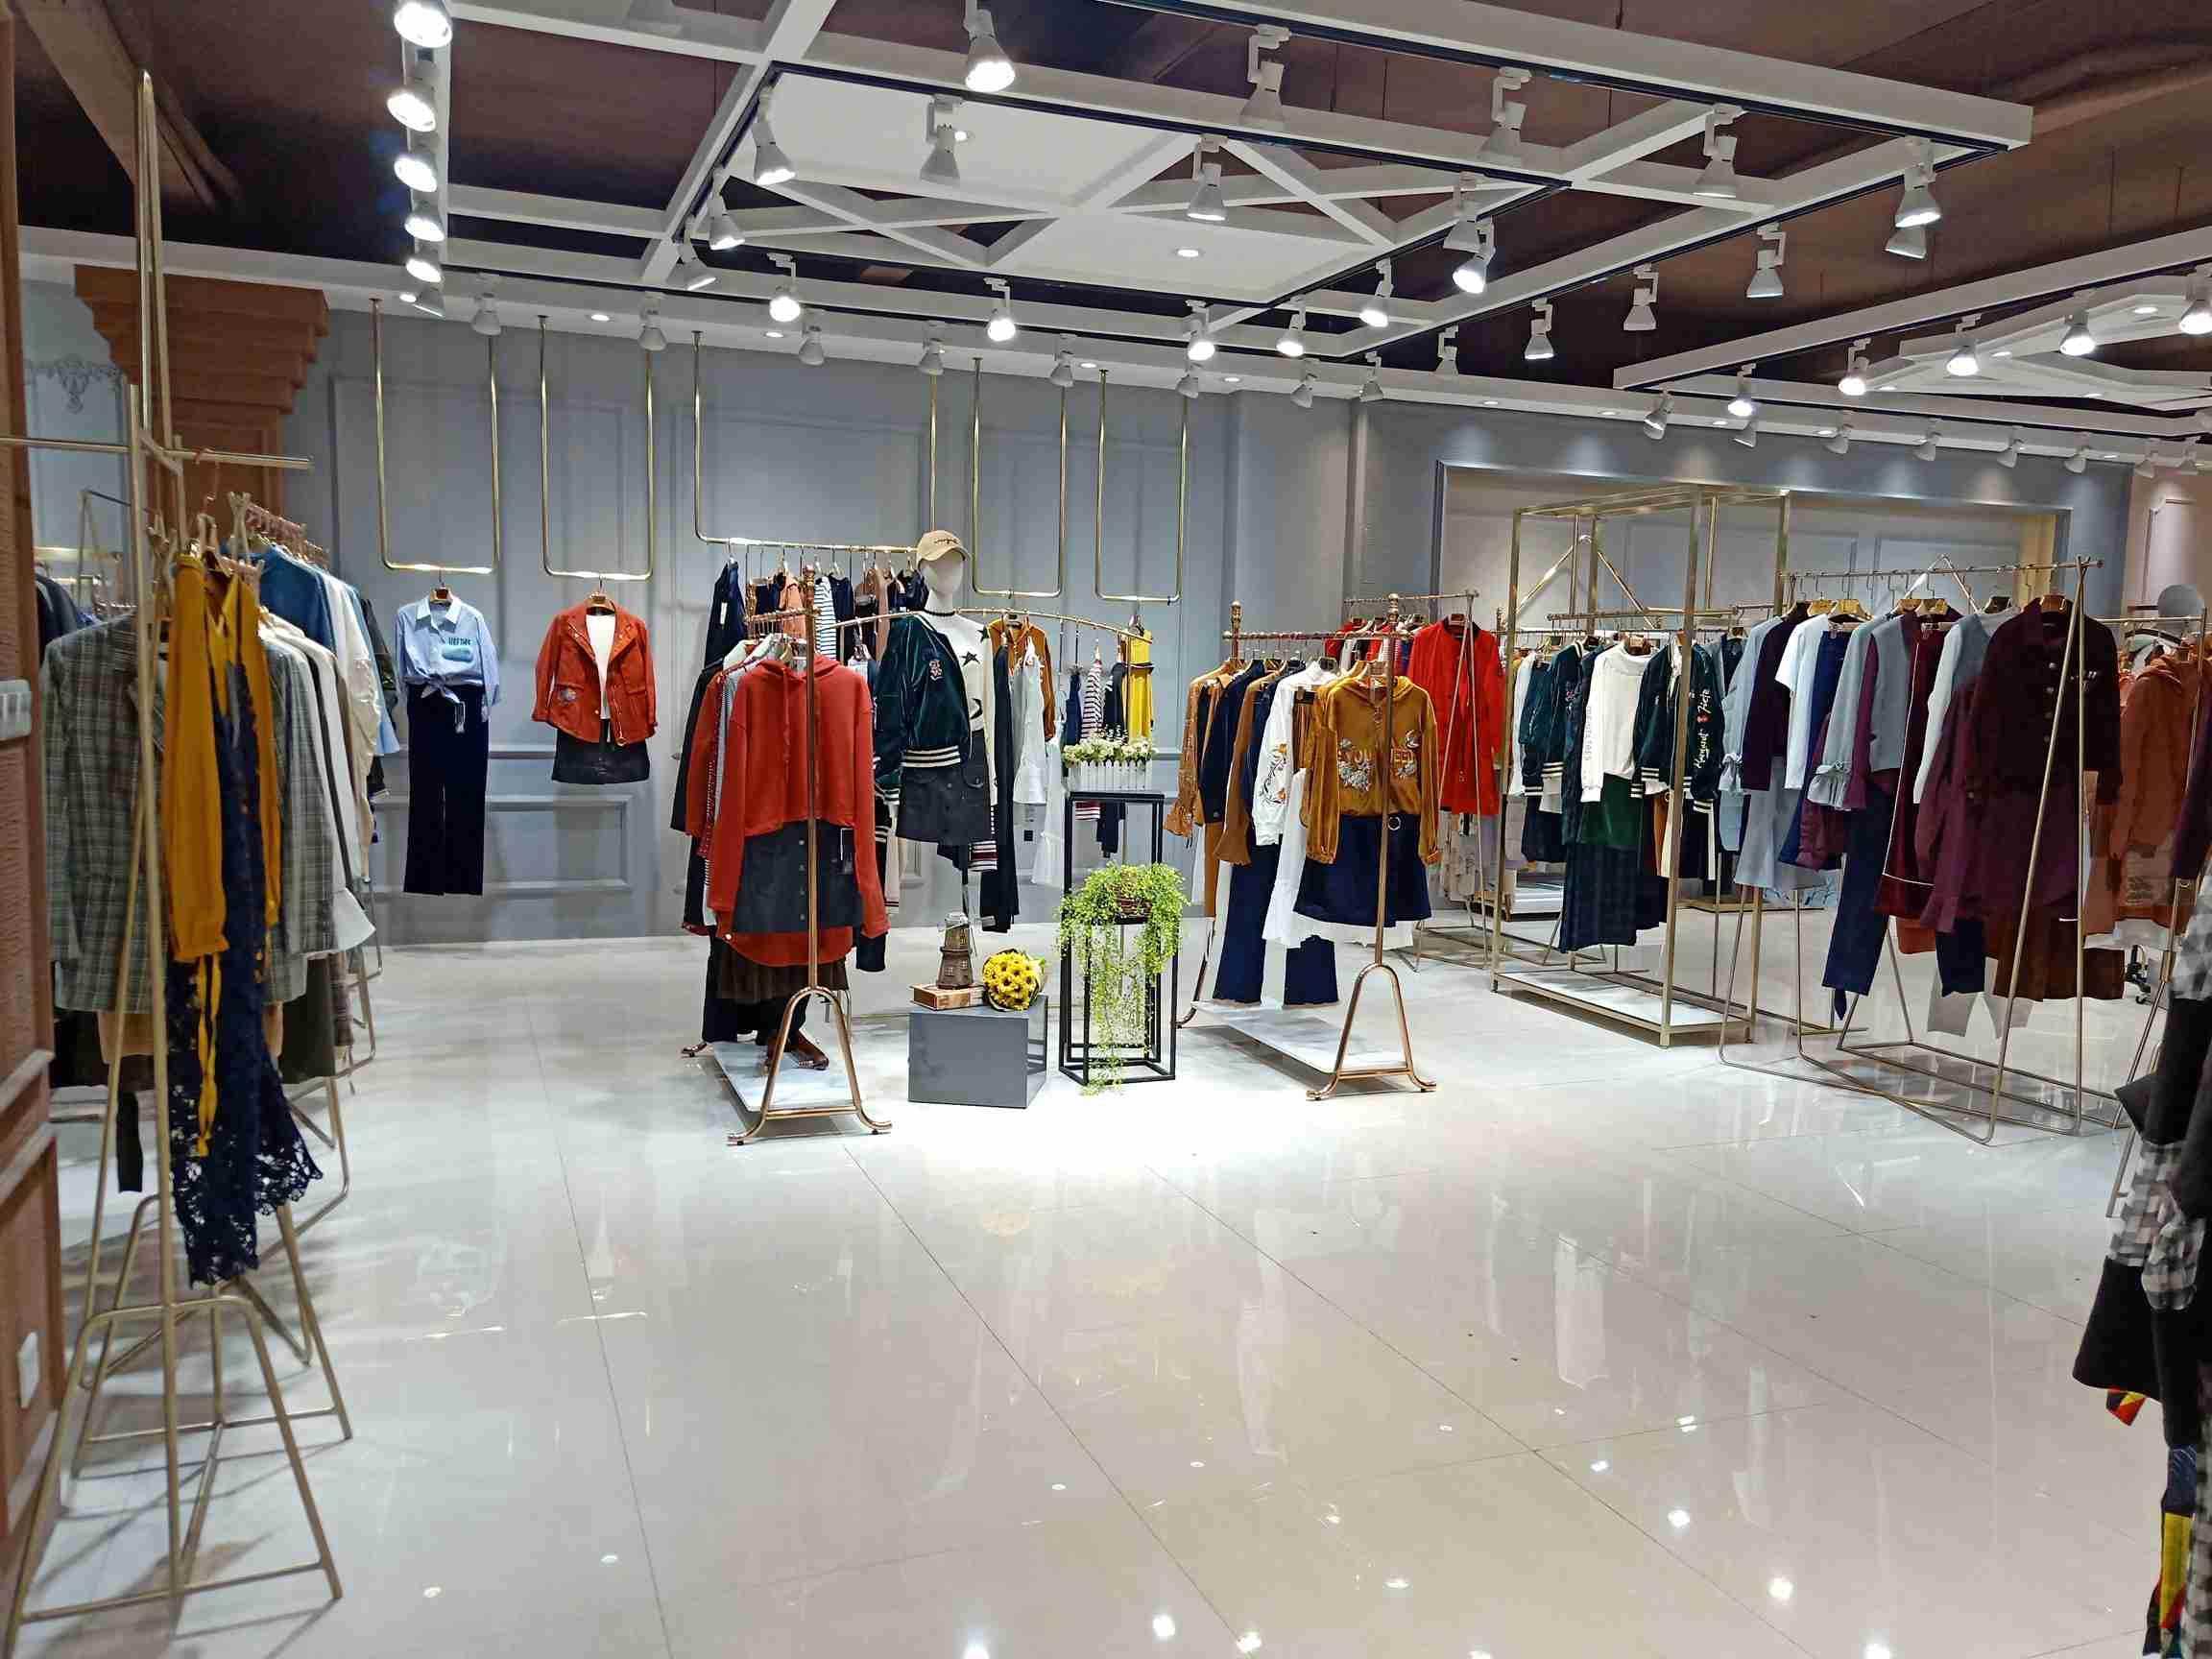 广州十三行服装批发市场是怎么形成的